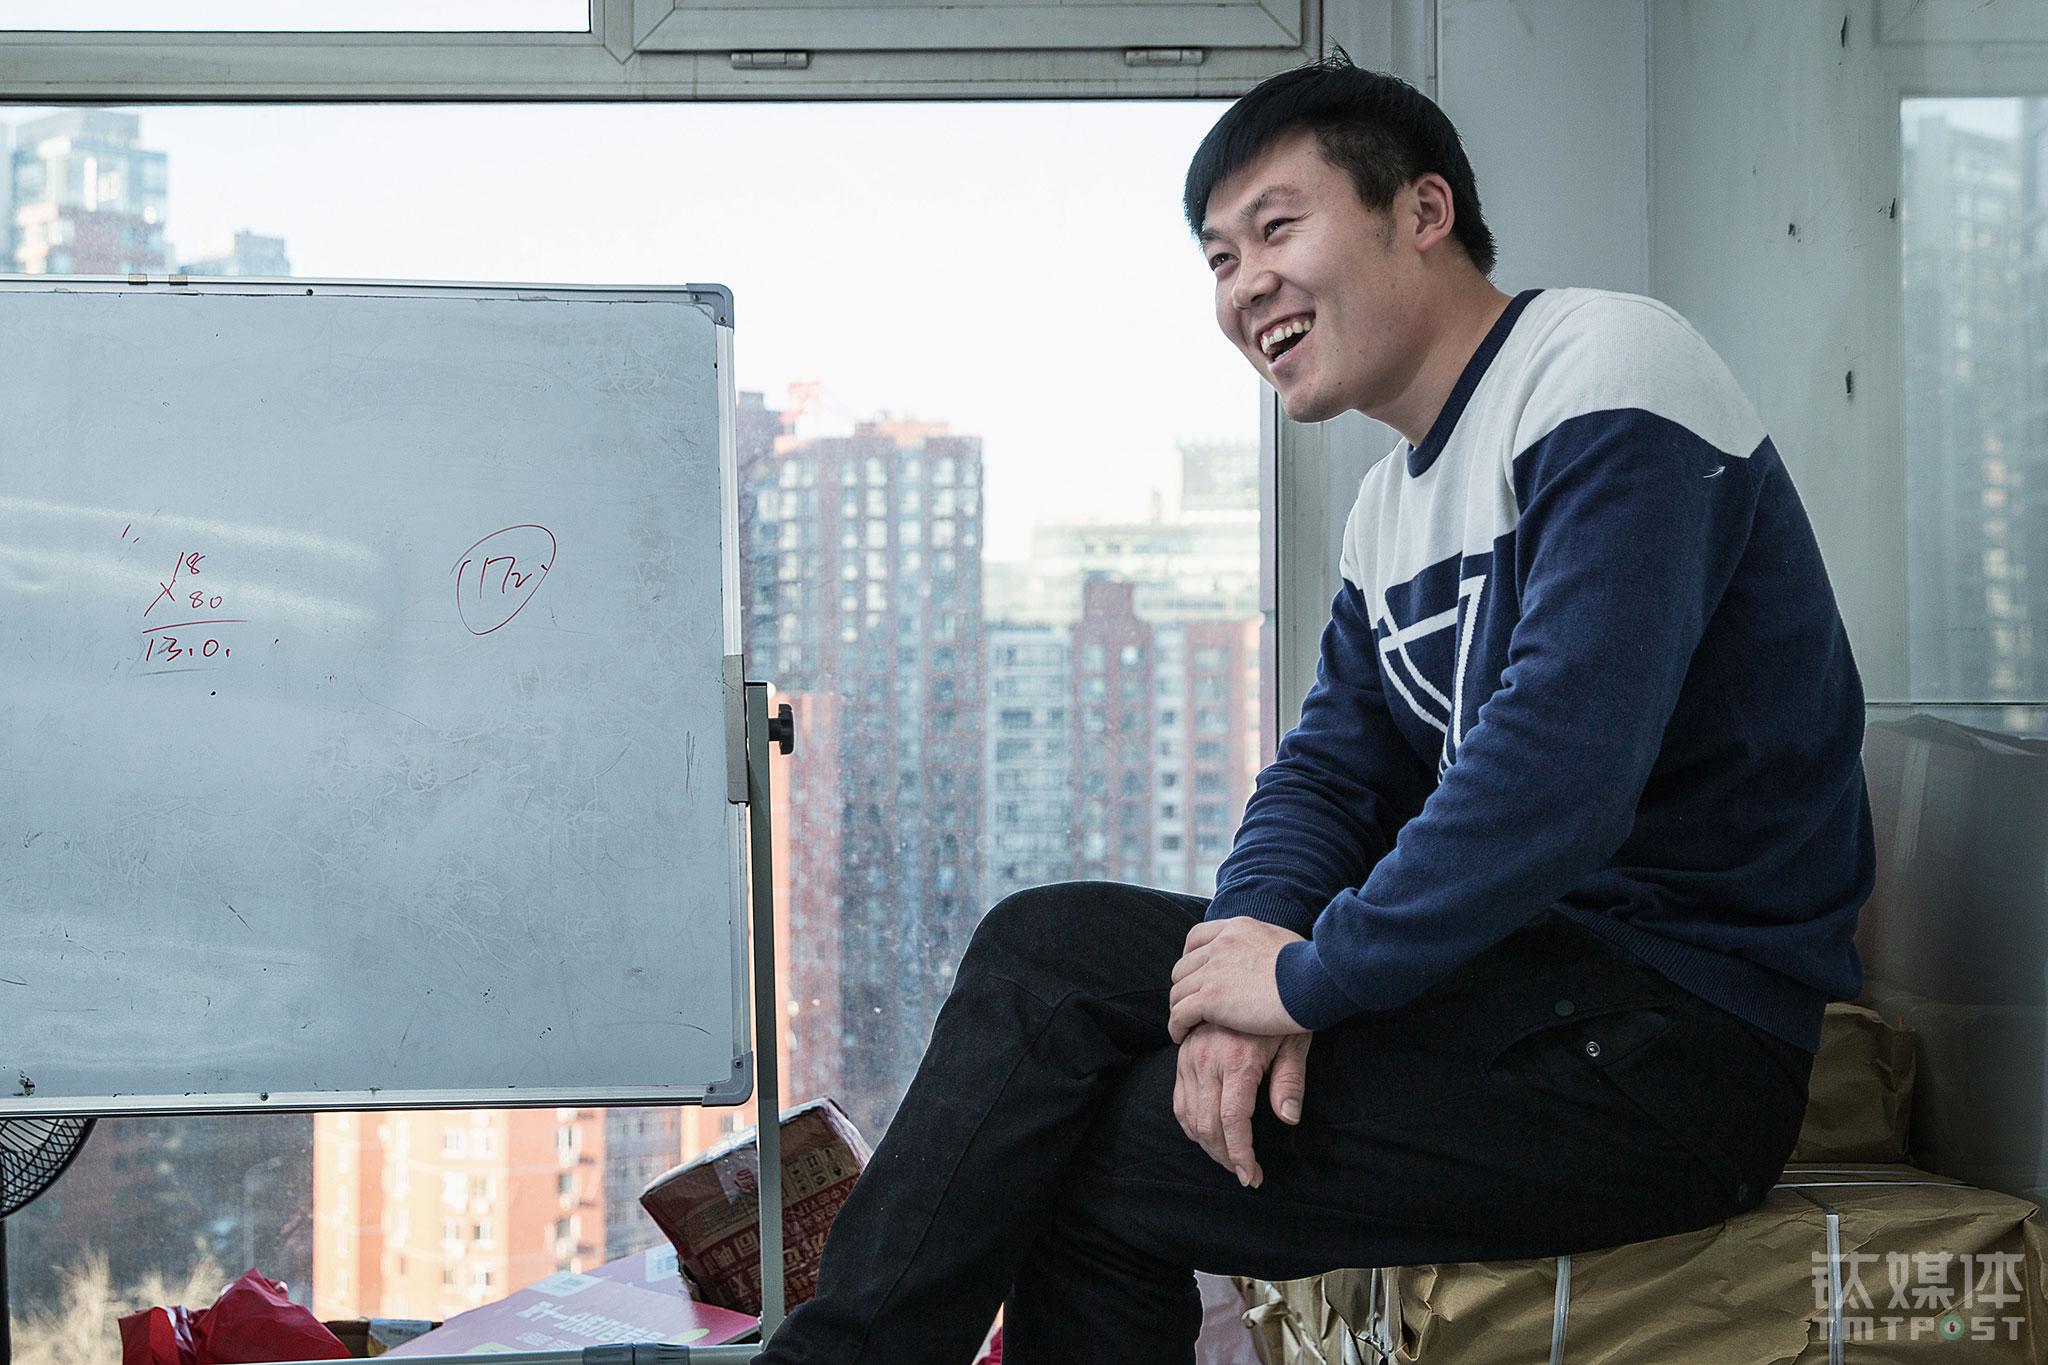 2016年,闫军祥告别了在街头风吹日晒的工作,加入了一家兼职服务平台担任运营。他交了女朋友,两人在衡水买了房。2016年12月21日,他在当时的办公室向钛媒体《在线》憧憬着2017年:2017年要和女朋友结婚,组建自己的家庭,做好自己的事业。